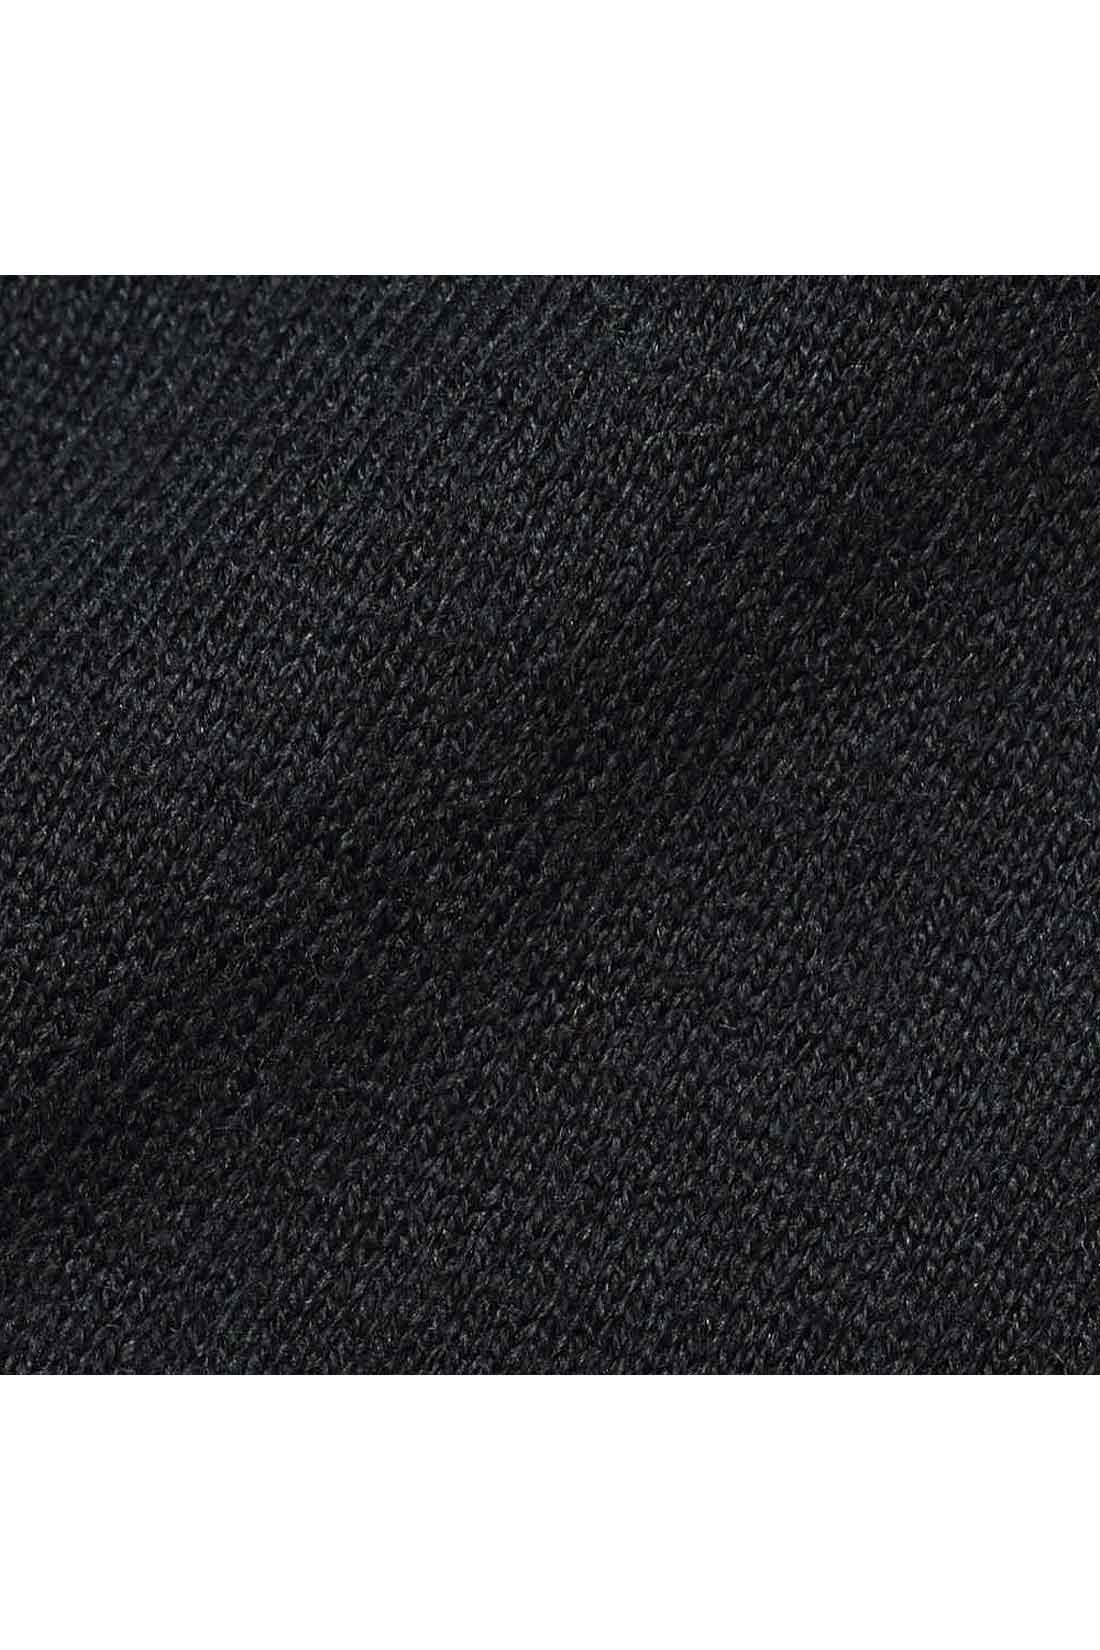 素肌に心地よいコットンシルク 上質感と肌ざわりのよさが人気のコットンシルクを、滑らかな天じく編みで仕立てました。